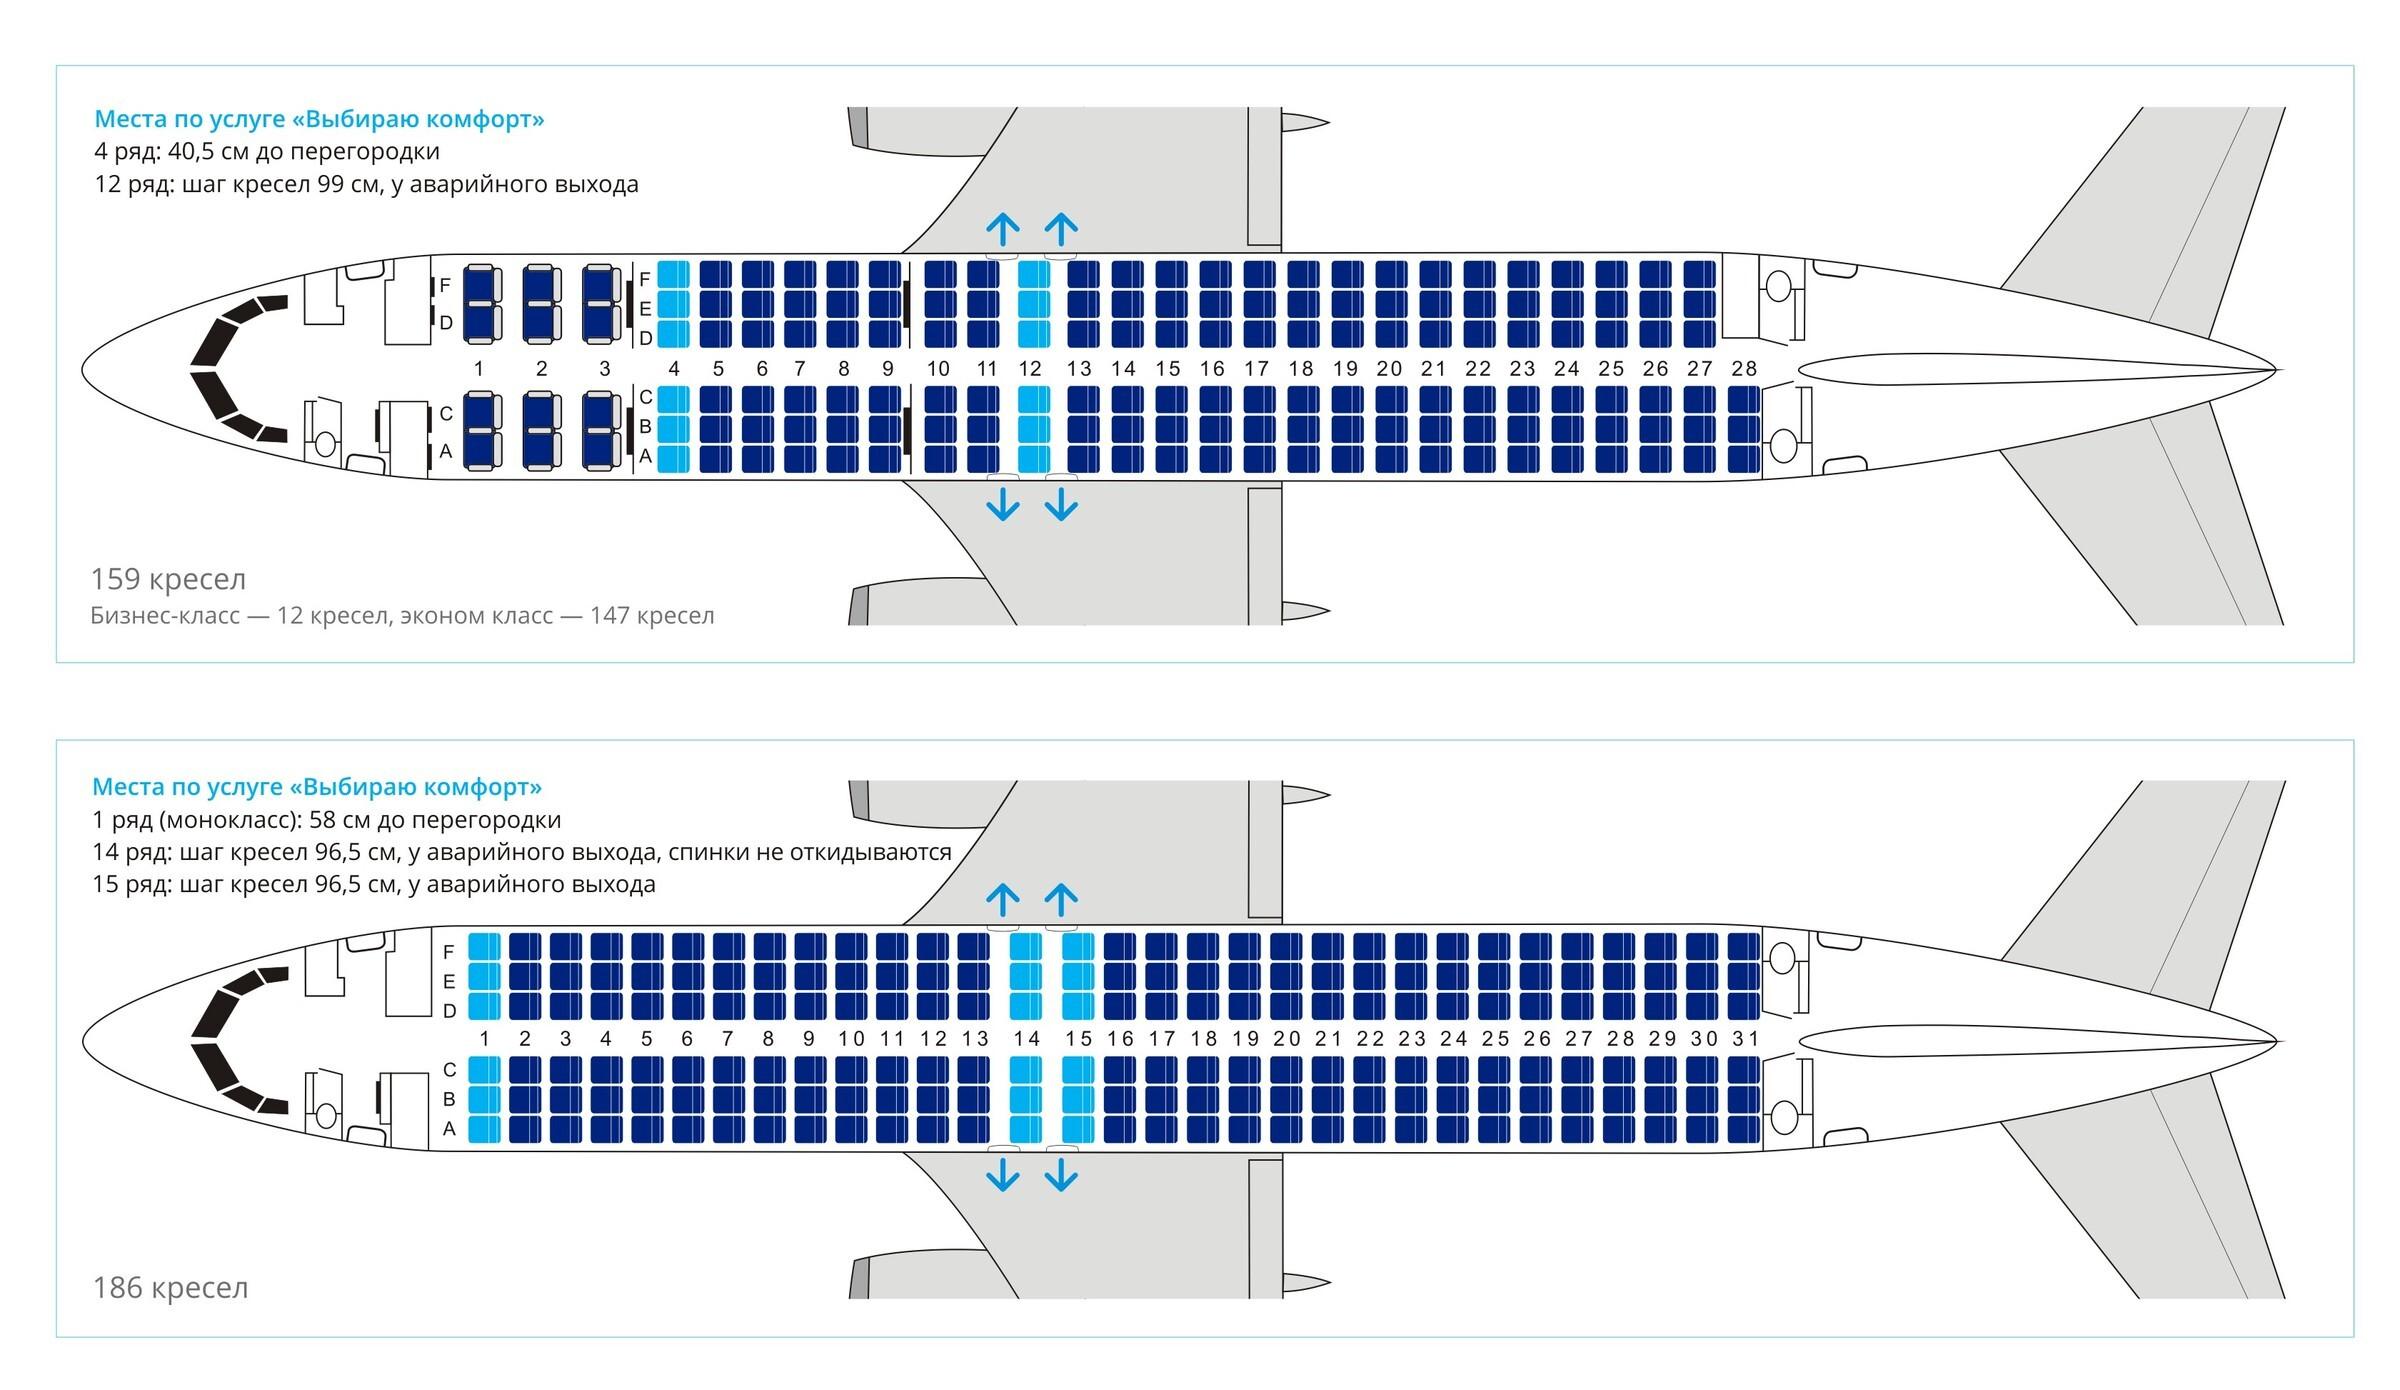 Боинг 738 схема салона авиакомпания россия фото 707